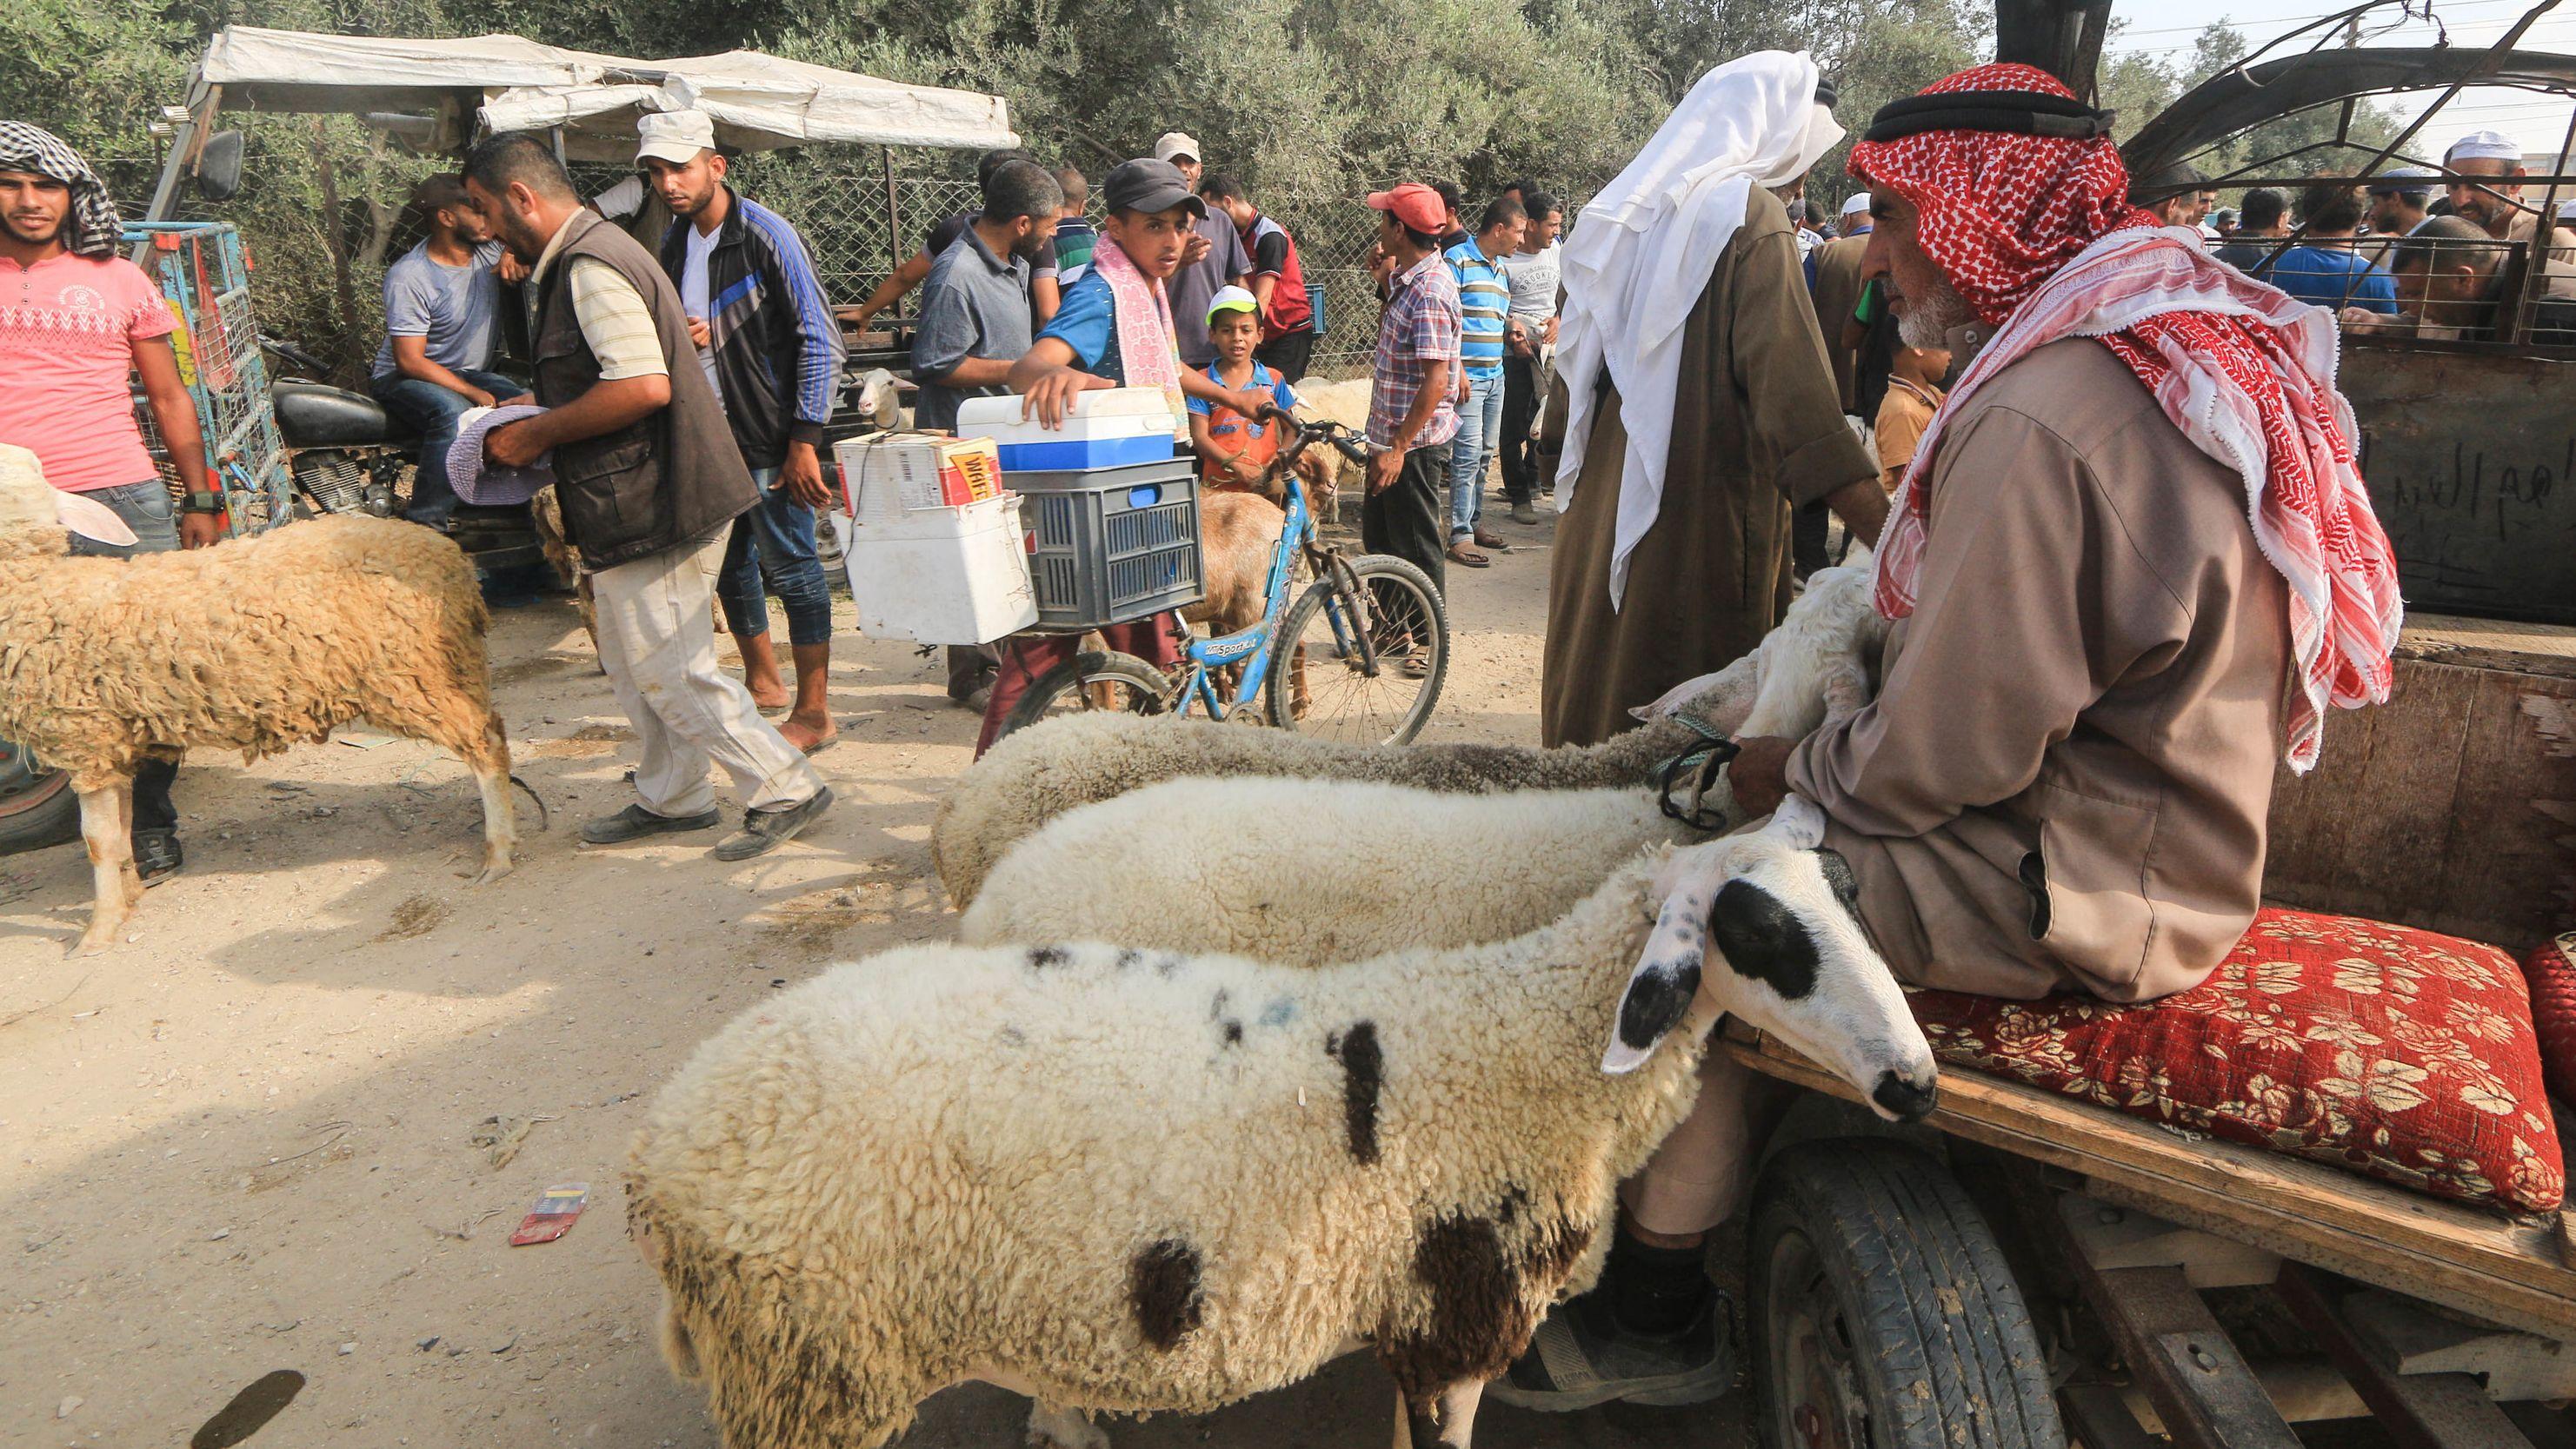 Vorbereitungen zum islamischen Opferfest im palästinensischen Autonomiegebiet